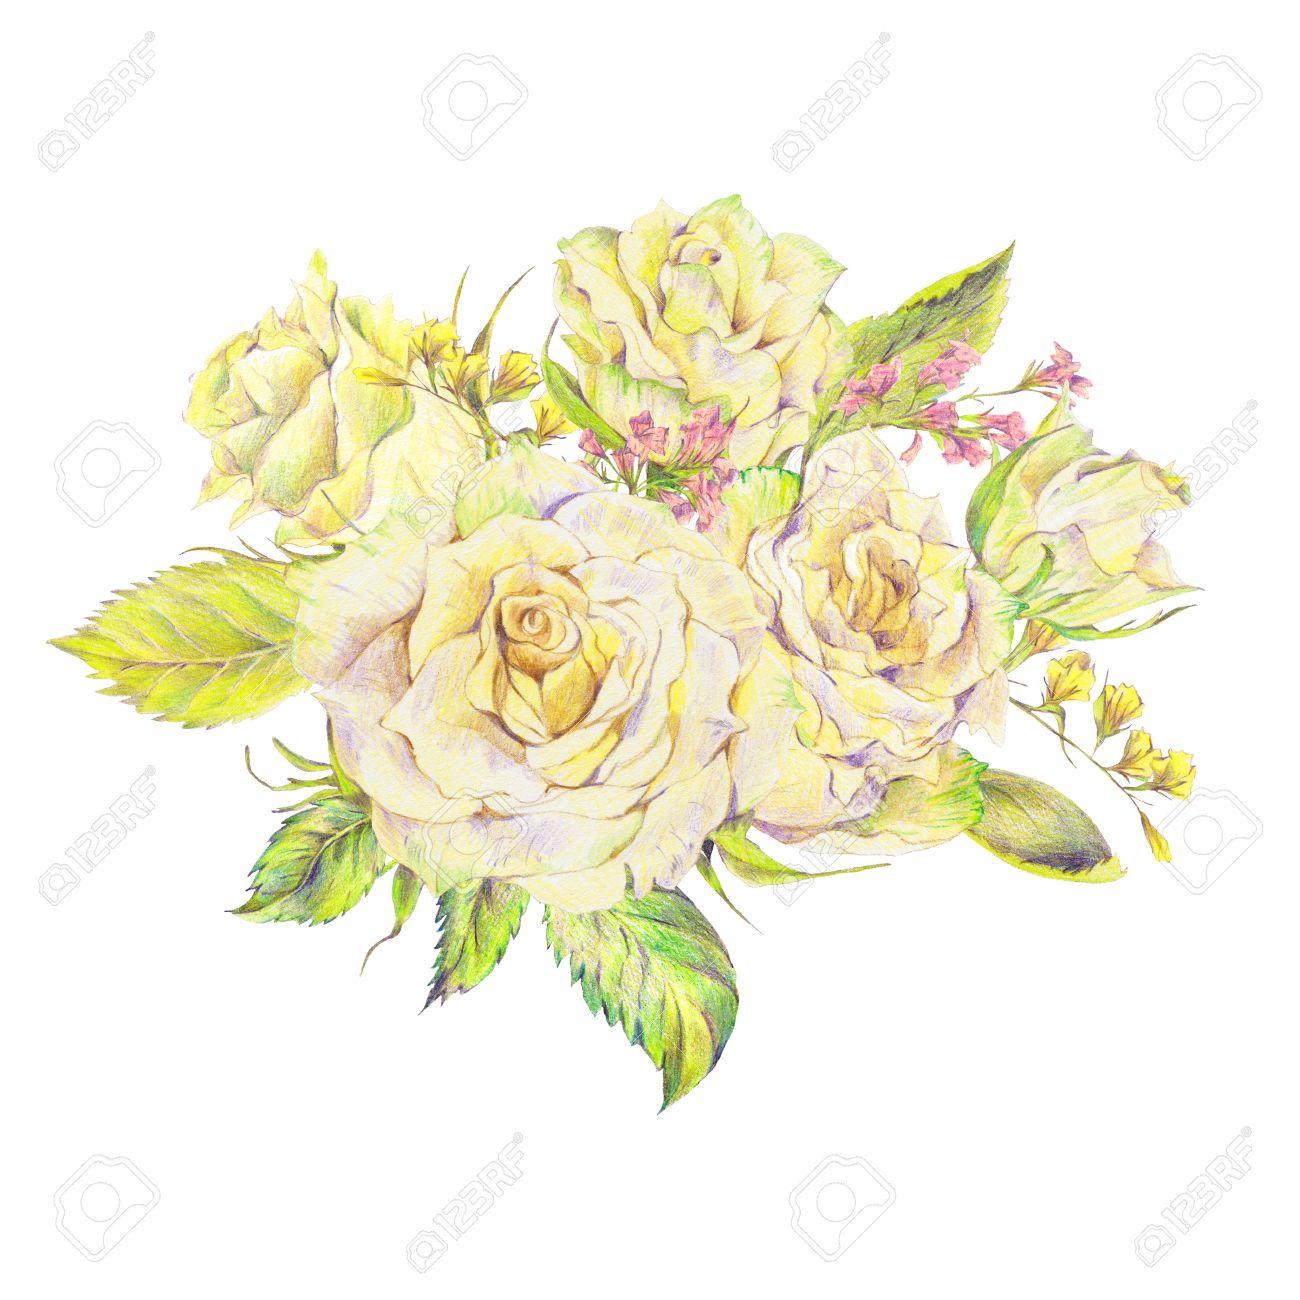 Ramo De Flores Dibujado A Mano Con Rosas Blancas Y Flores Silvestres